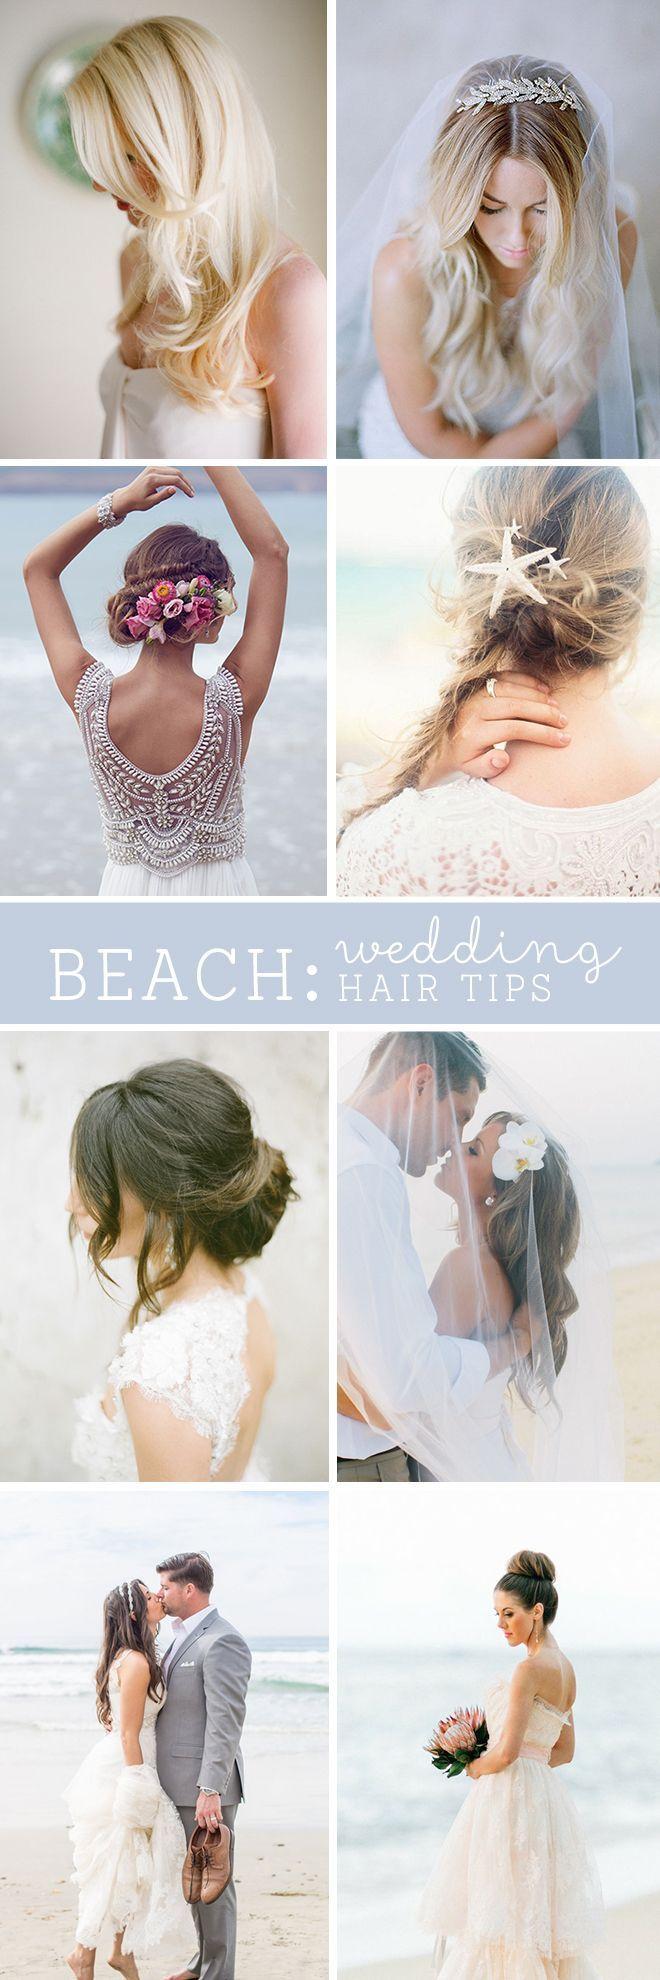 Beach Wedding Hair ideas   Beach wedding hairstyles, Beach weddings ...